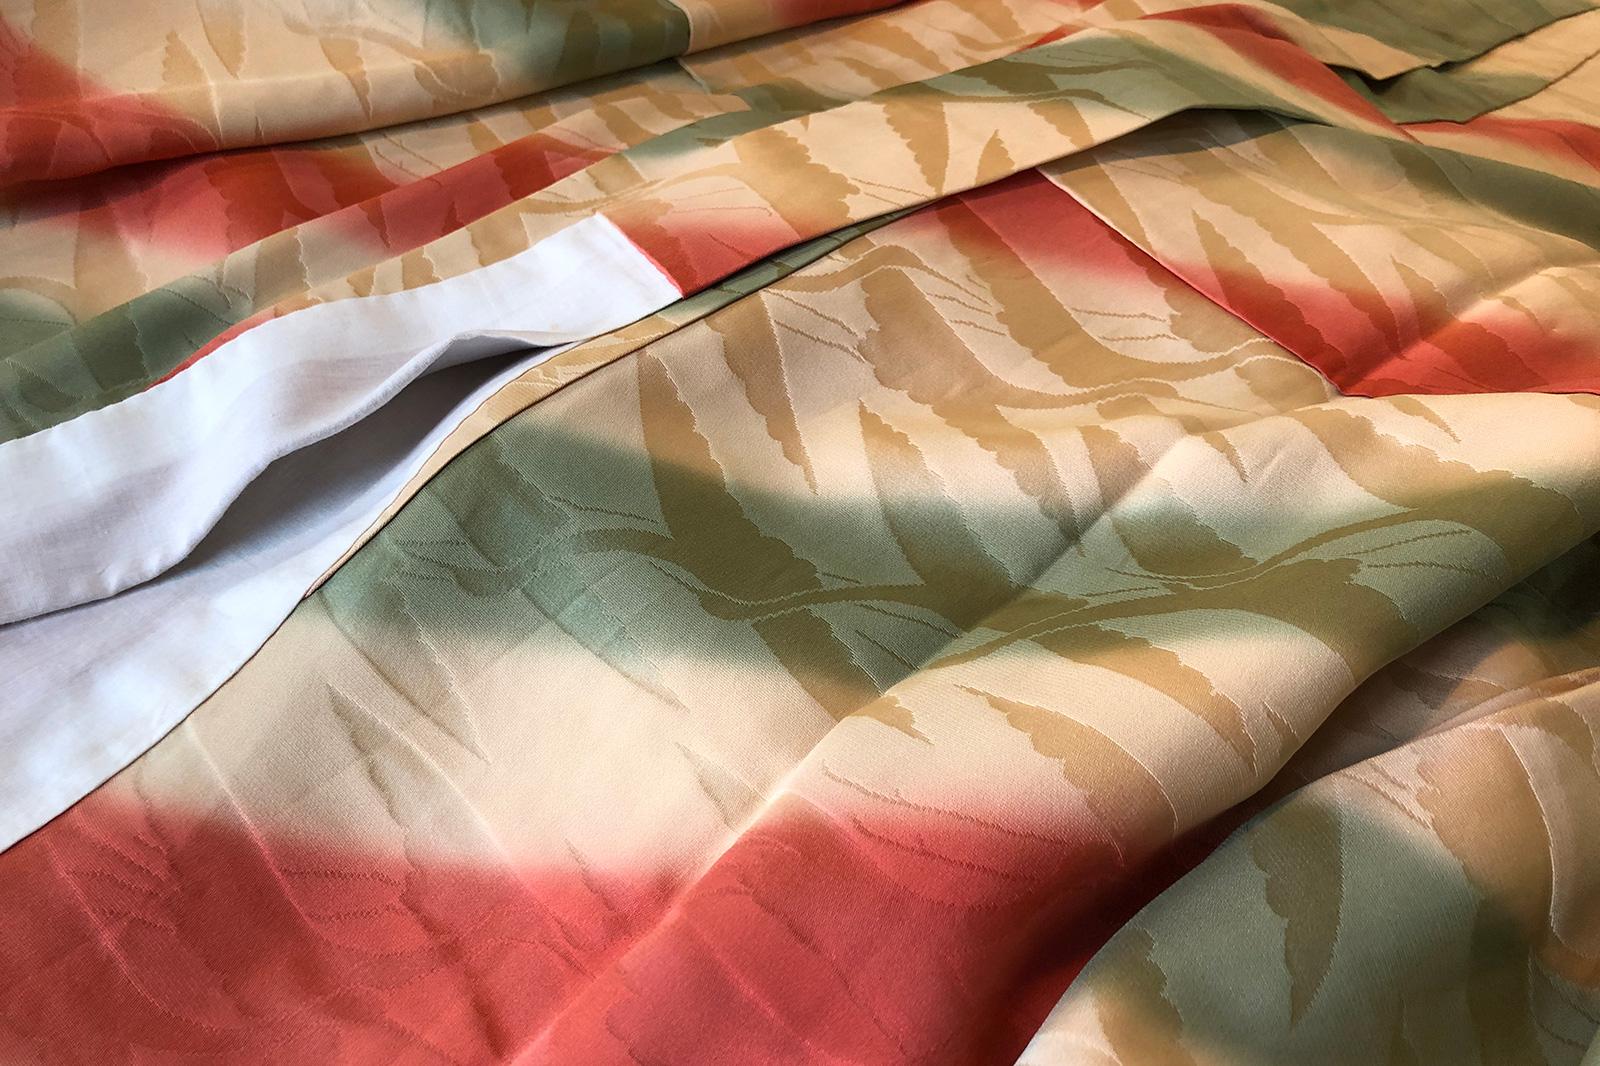 鶴の羽ばたく字模様に赤と緑で手綱取り。